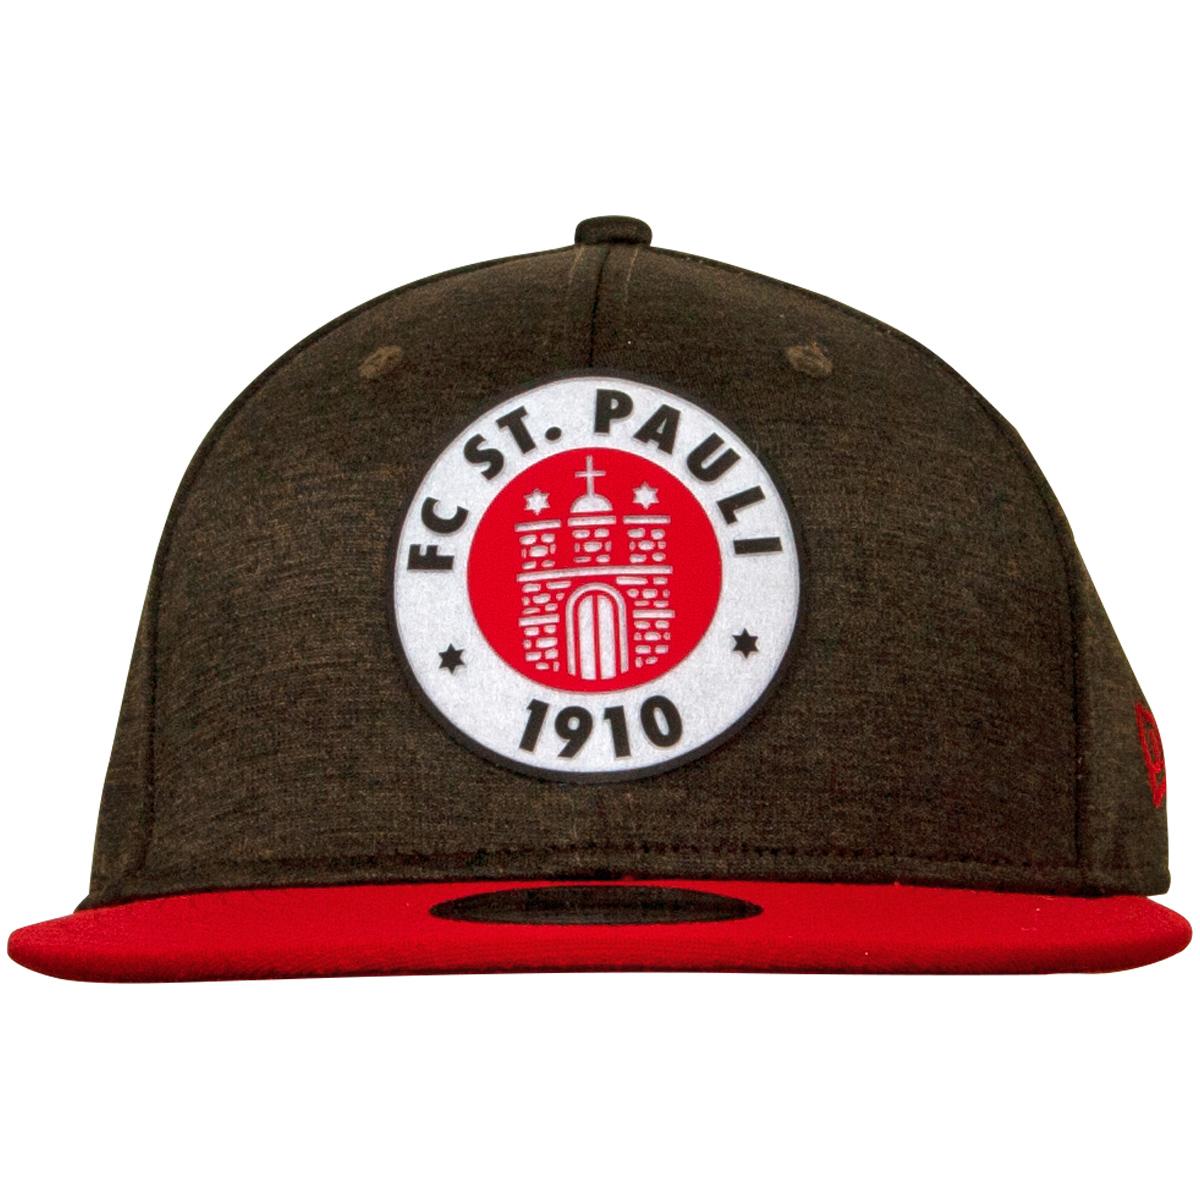 FC St. Pauli - NewEra Kappe Logo Braun-Weiss-Rot